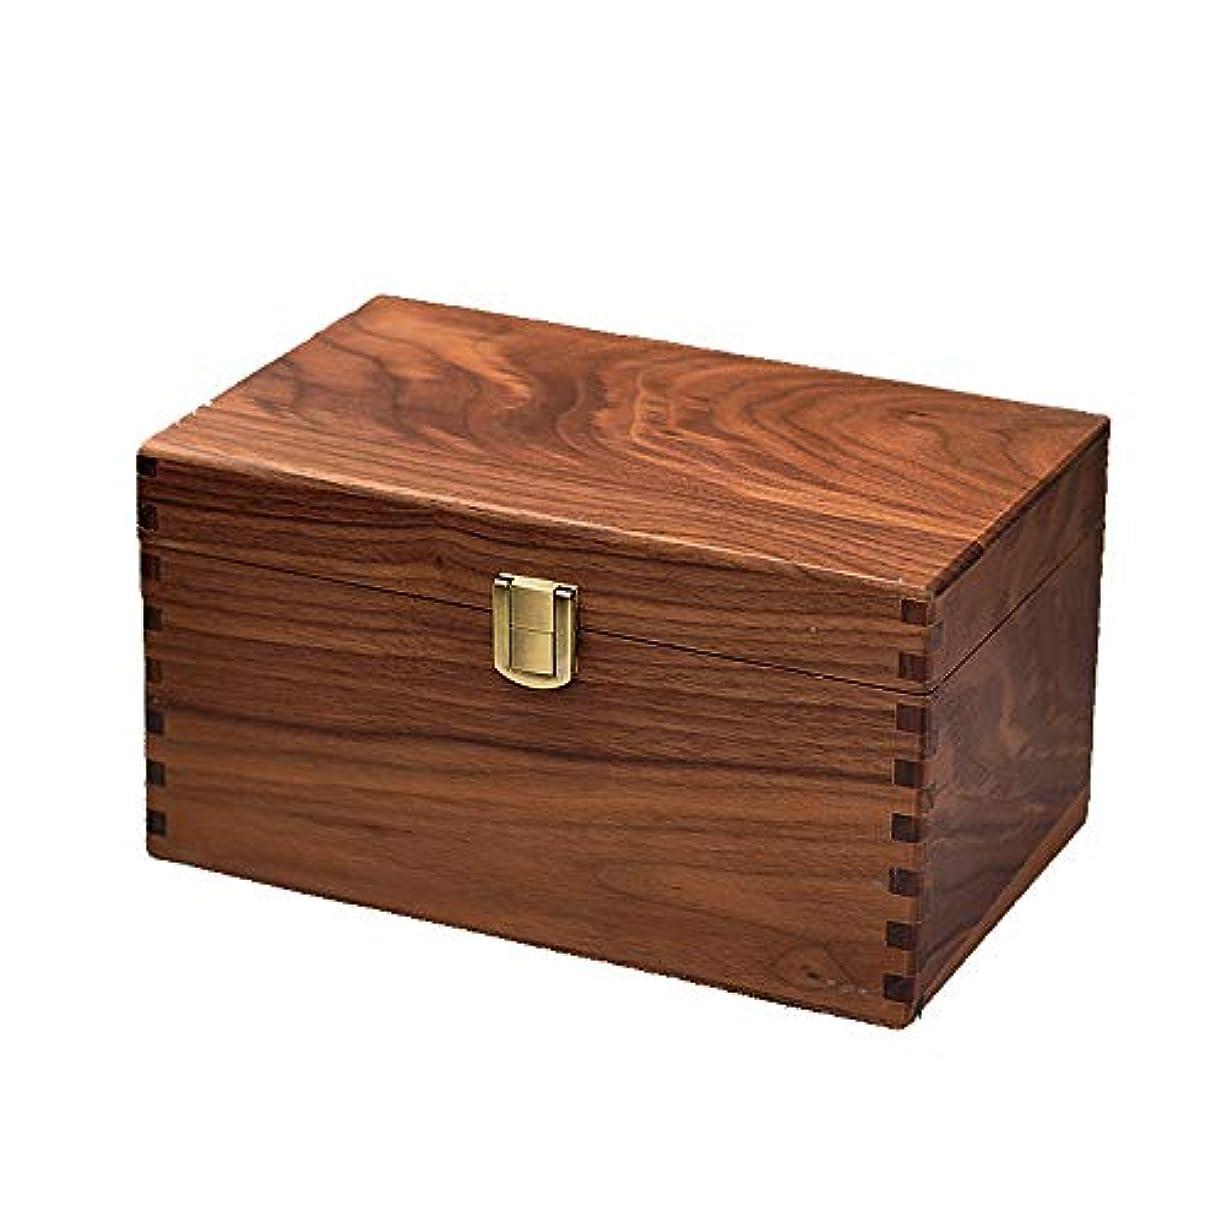 ブラウン好むシンプルさ手作りの装飾的な木のエッセンシャルオイルボックスオーガナイザージュエリーボックスパーフェクトエッセンシャルオイルケース アロマセラピー製品 (色 : Natural, サイズ : 24.5X15.5X13CM)